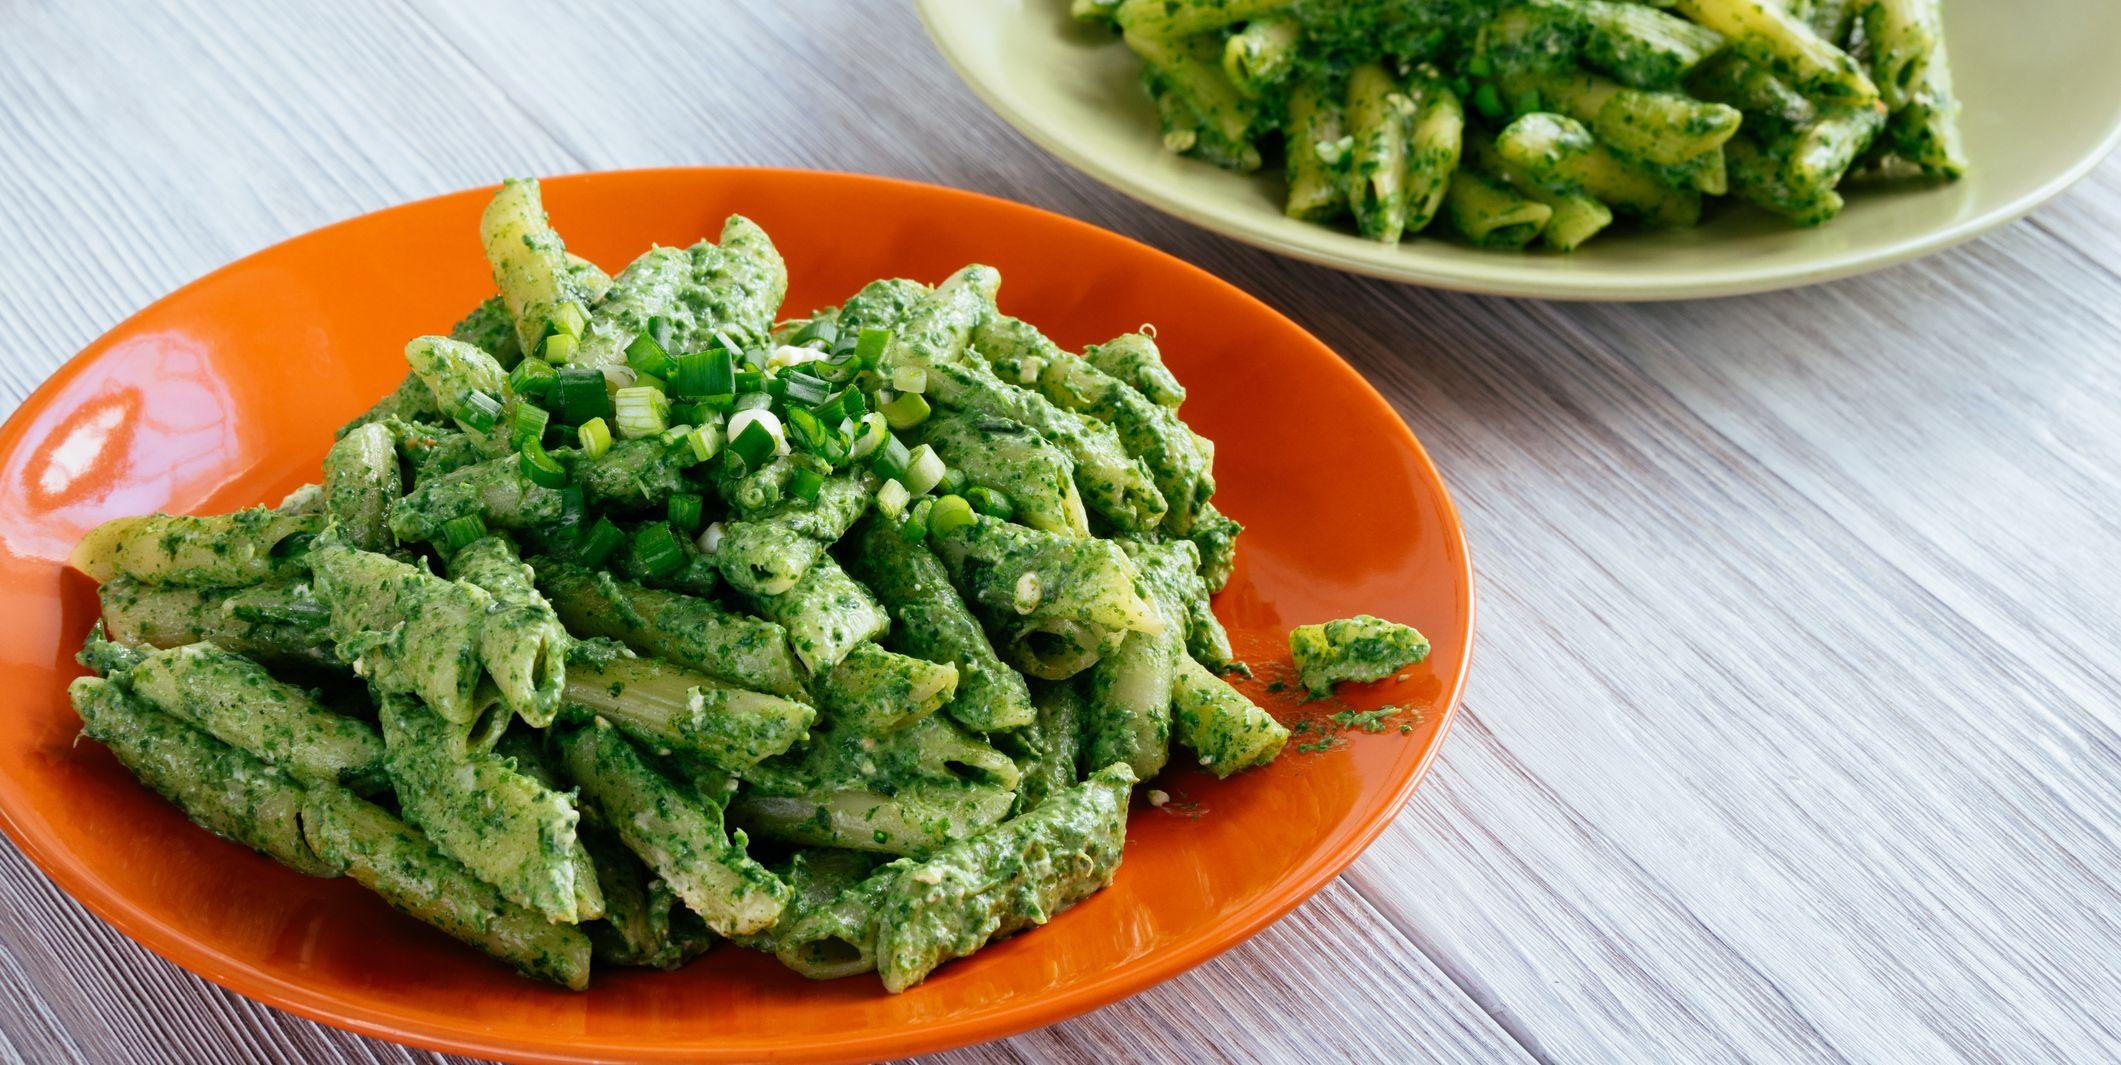 La pasta con crema di spinaci è la ricetta più veloce e delicata da provare questa settimana